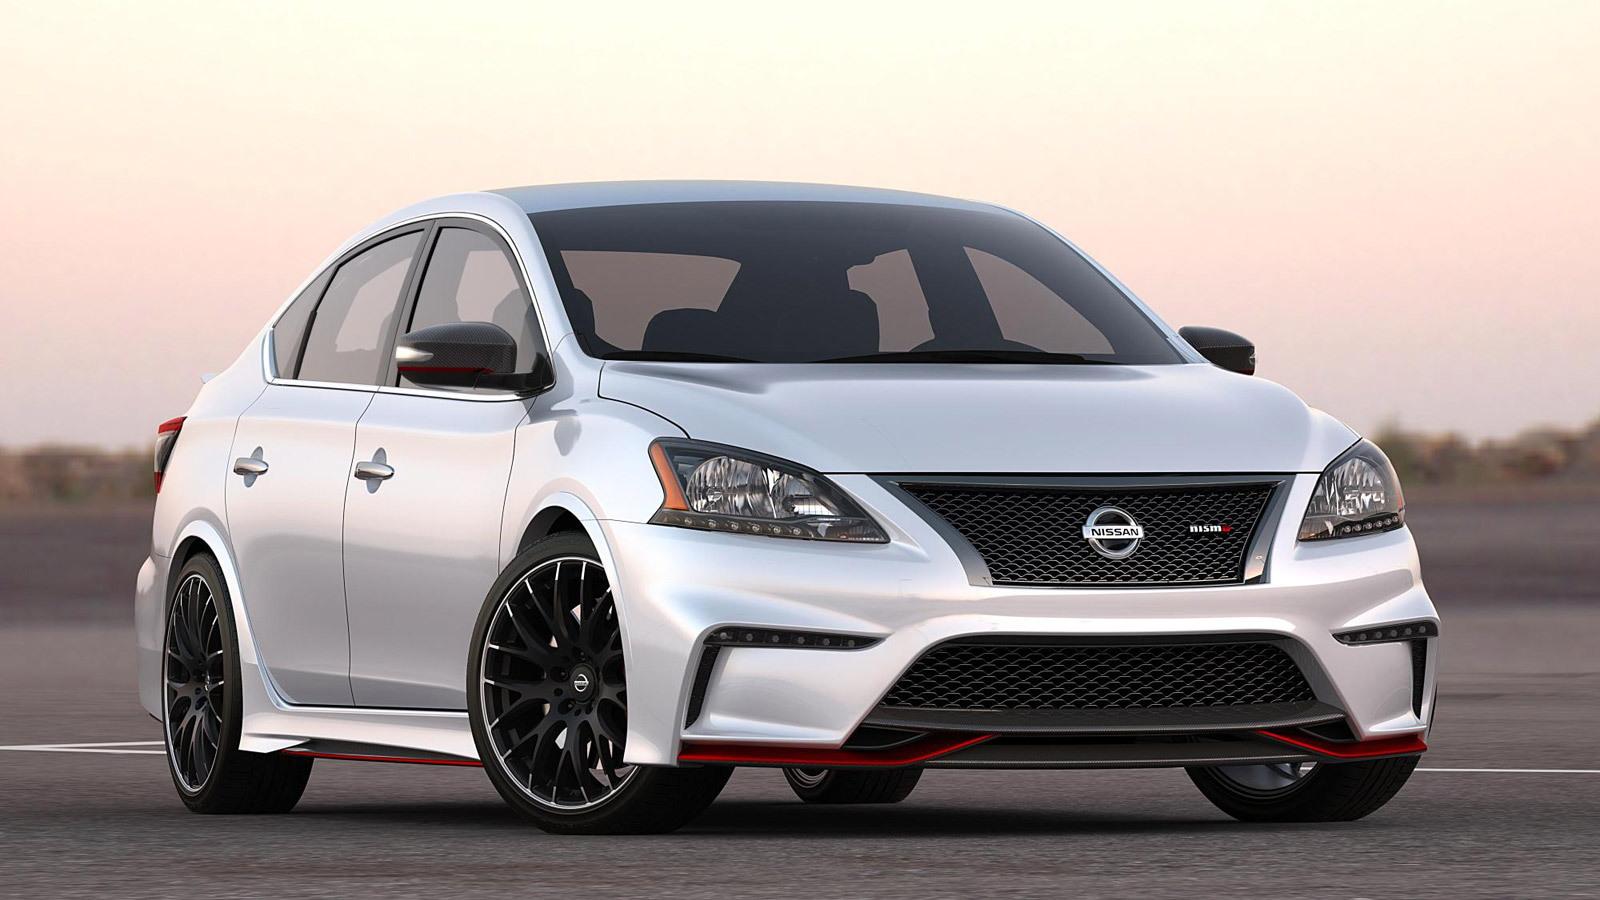 Nissan Sentra NISMO concept, 2013 Los Angeles Auto Show